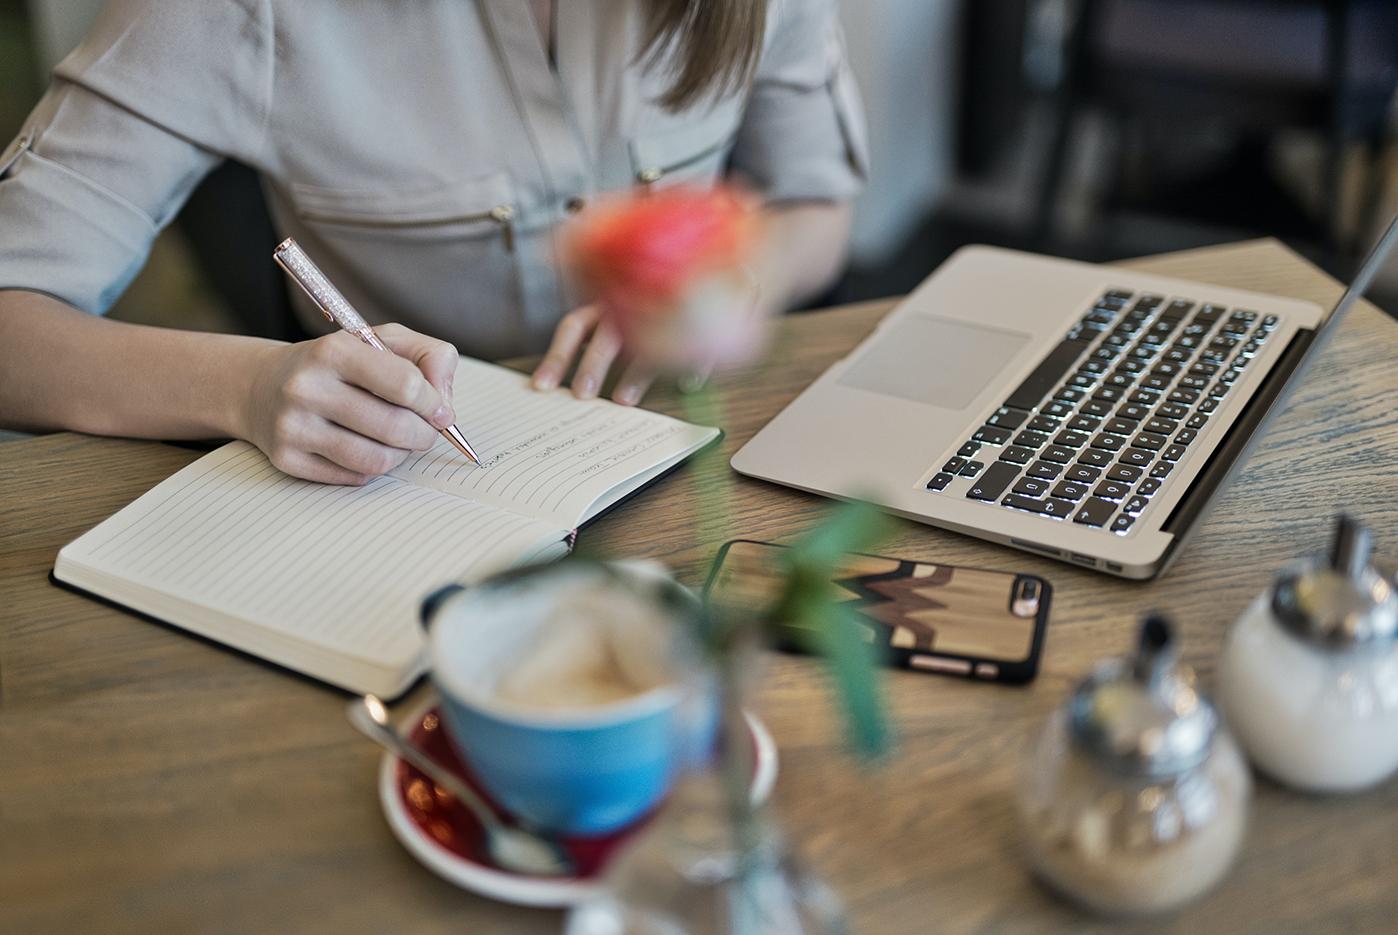 Iemand die notities maakt naast een laptop